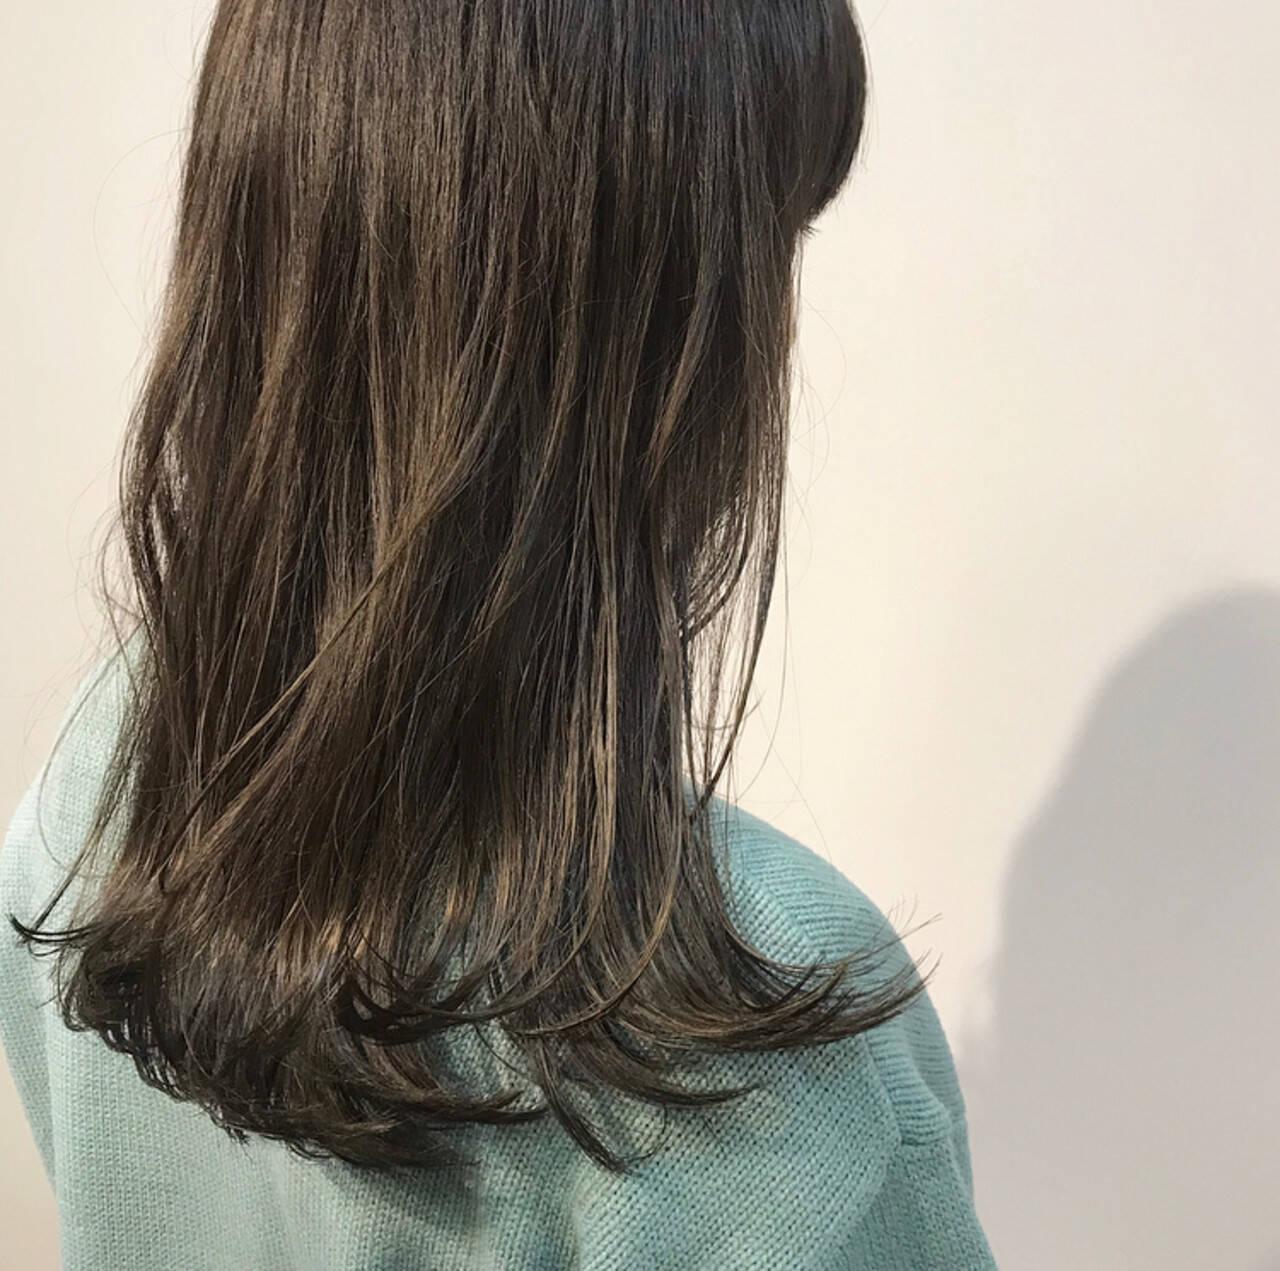 カーキ オリーブカラー オリーブアッシュ セミロングヘアスタイルや髪型の写真・画像